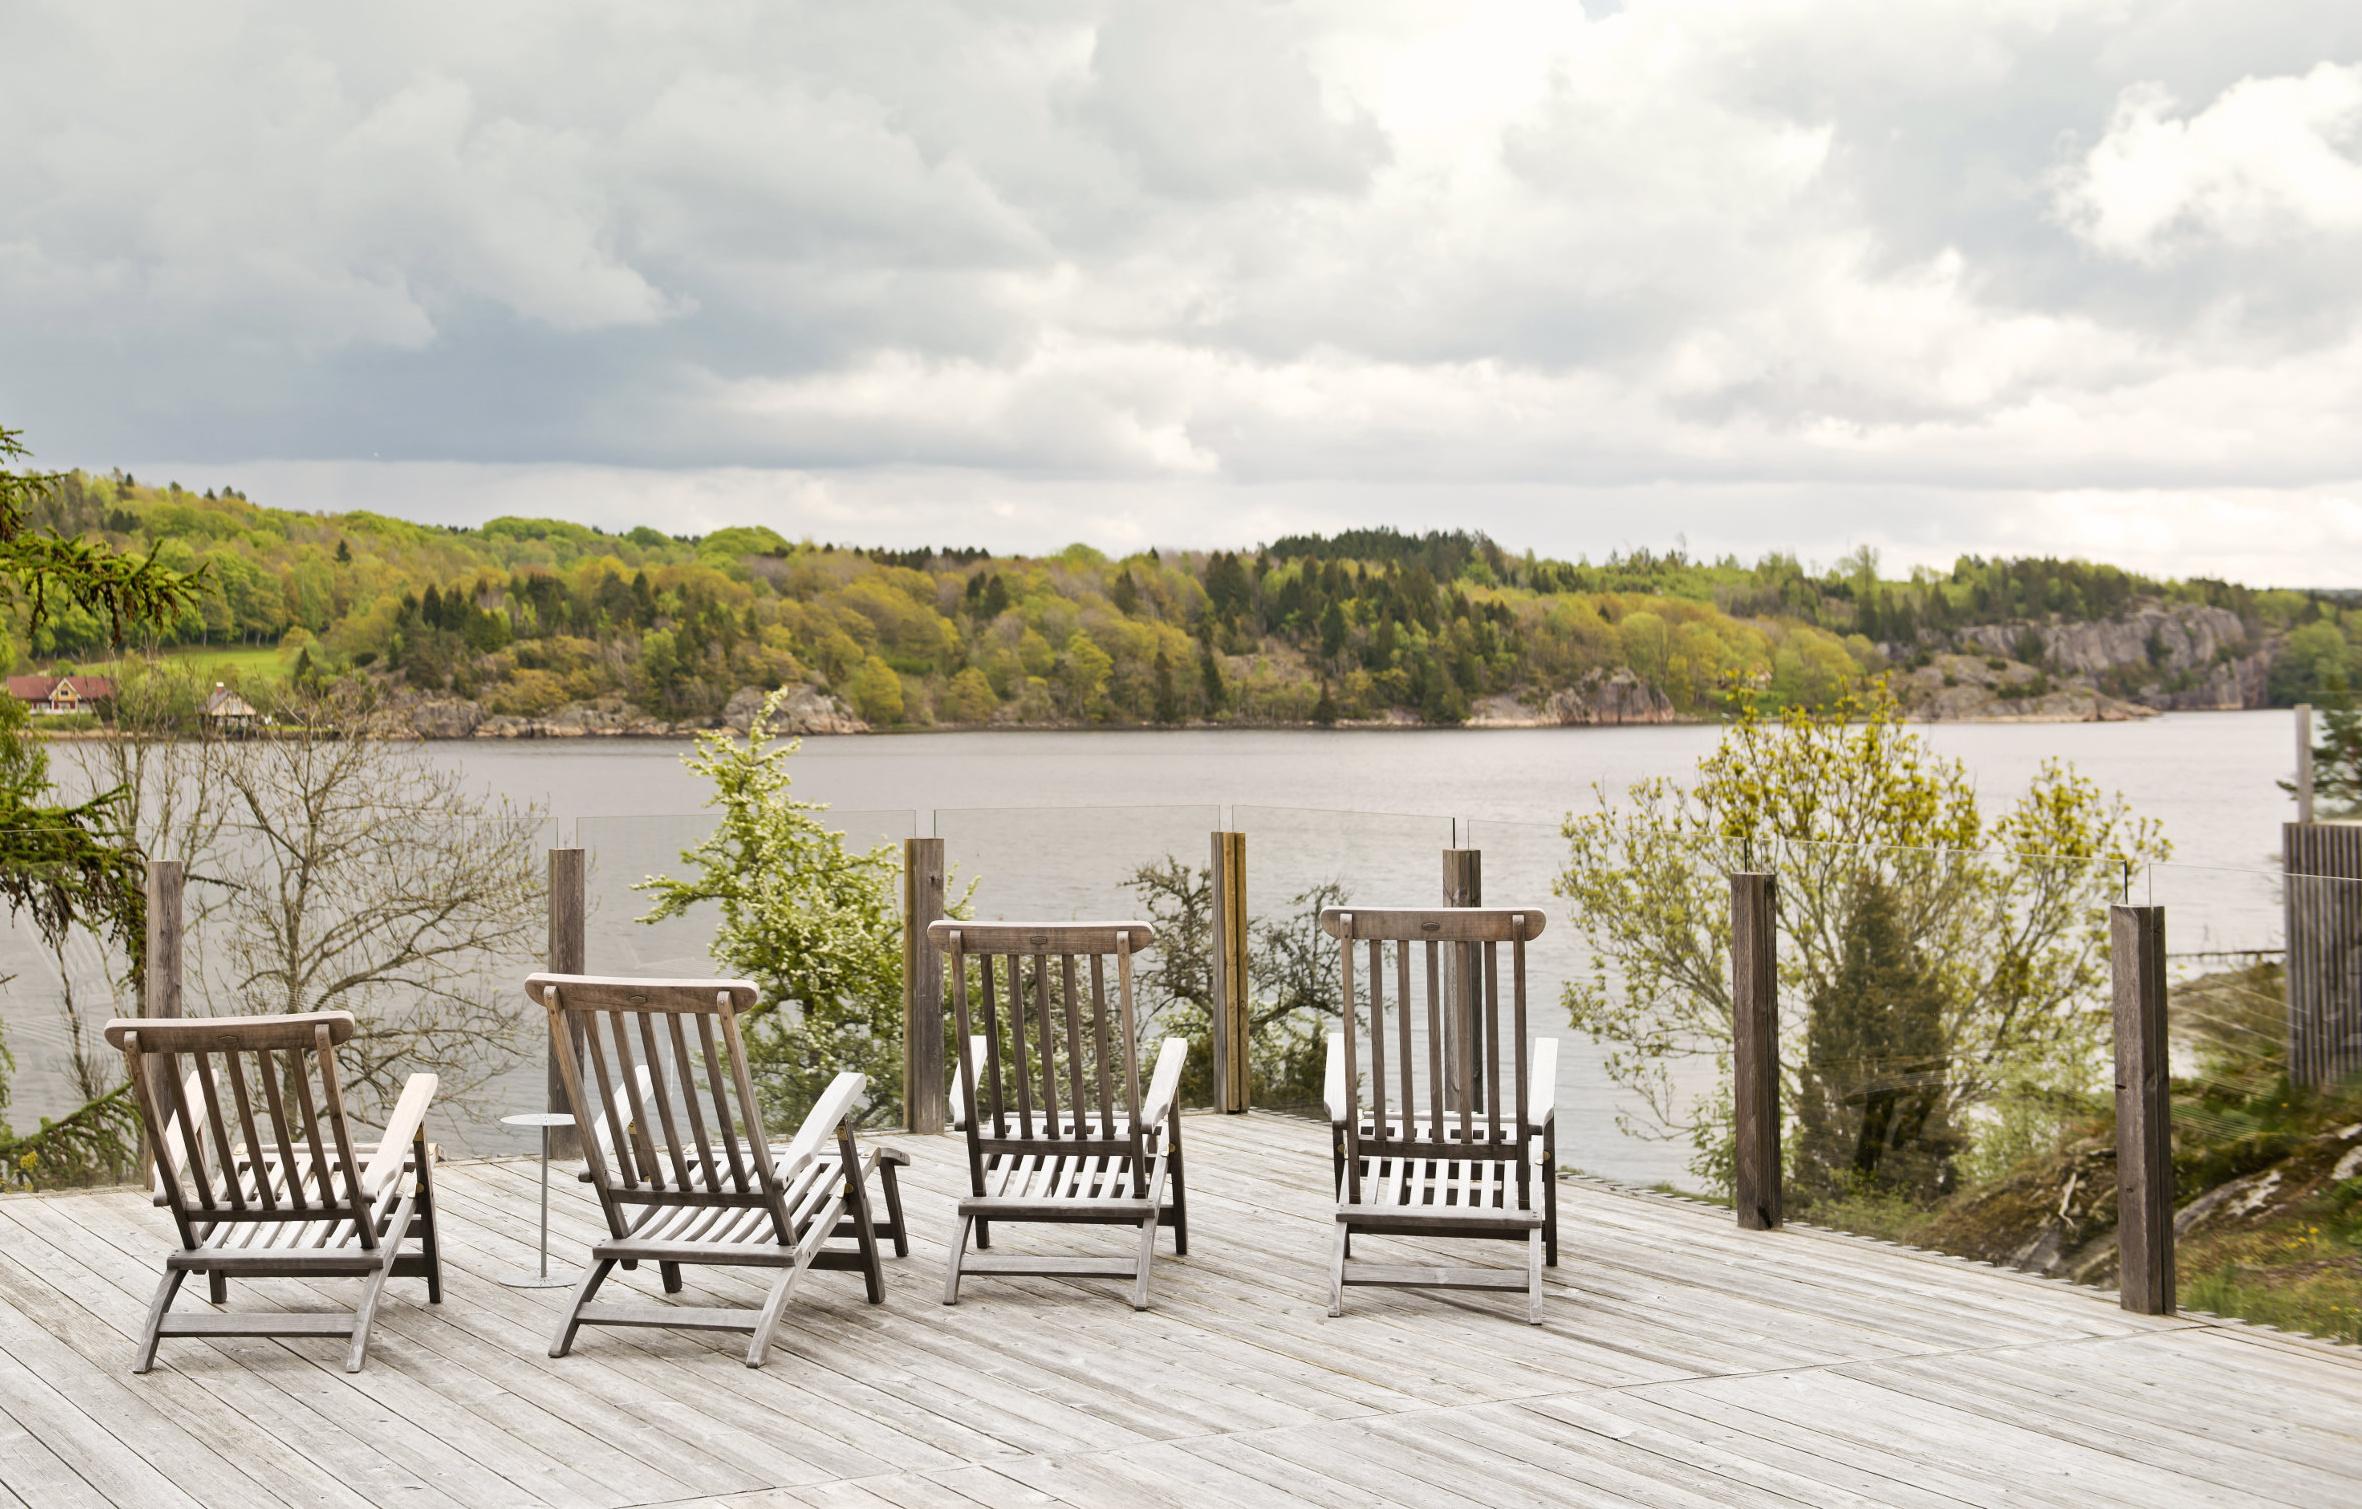 MK Trading er leverandør av Sioo:X Impregnering i Norge, et miljøvennlig og vannbasert system for sanering og beskyttelse av treverk. På messen demonstrerer de hvordan du kiselbehandler terrasse og panel. Foto: MK Trading